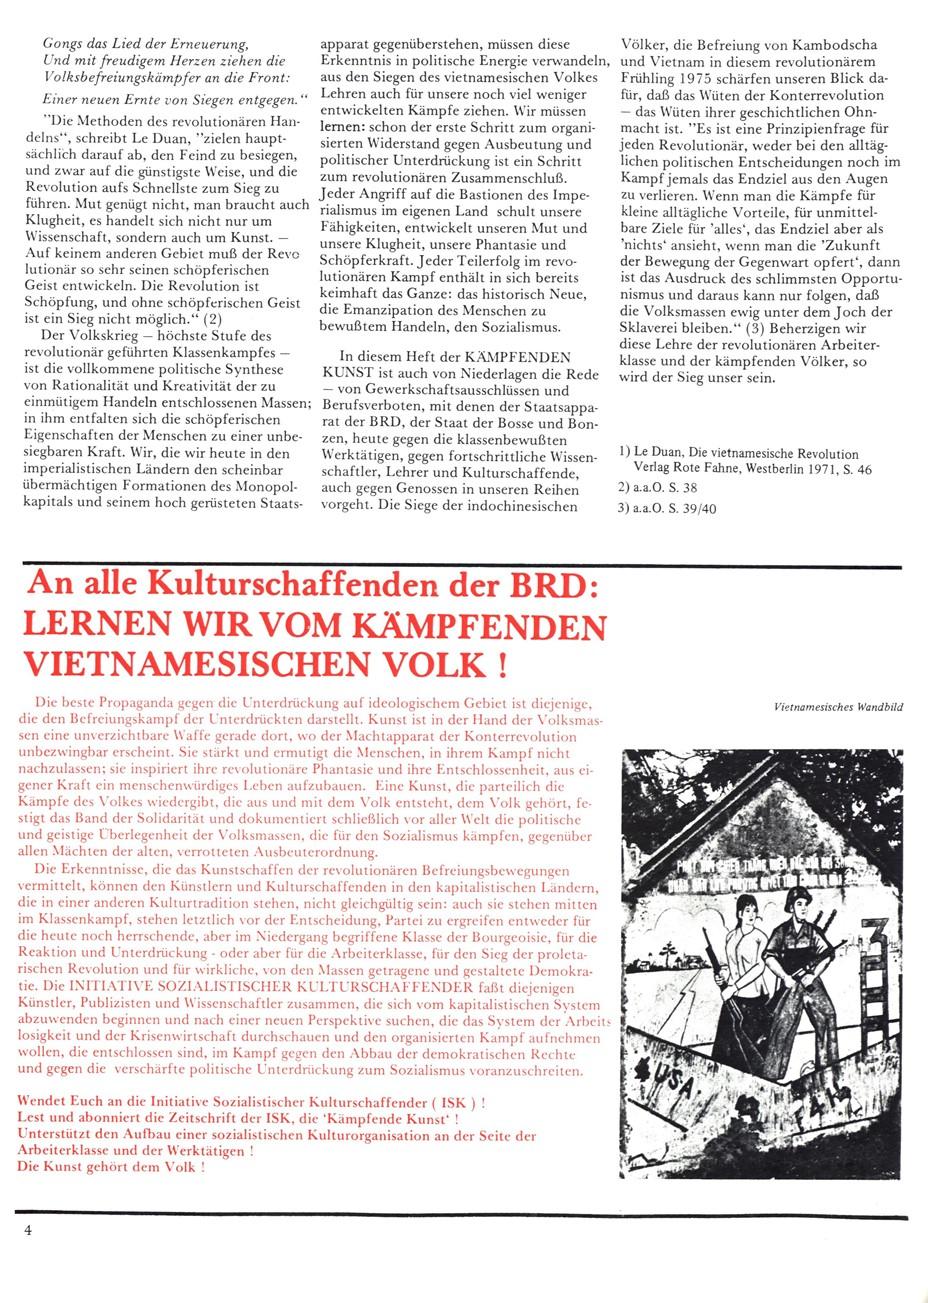 VSK_Kaempfende_Kunst_19750500_04